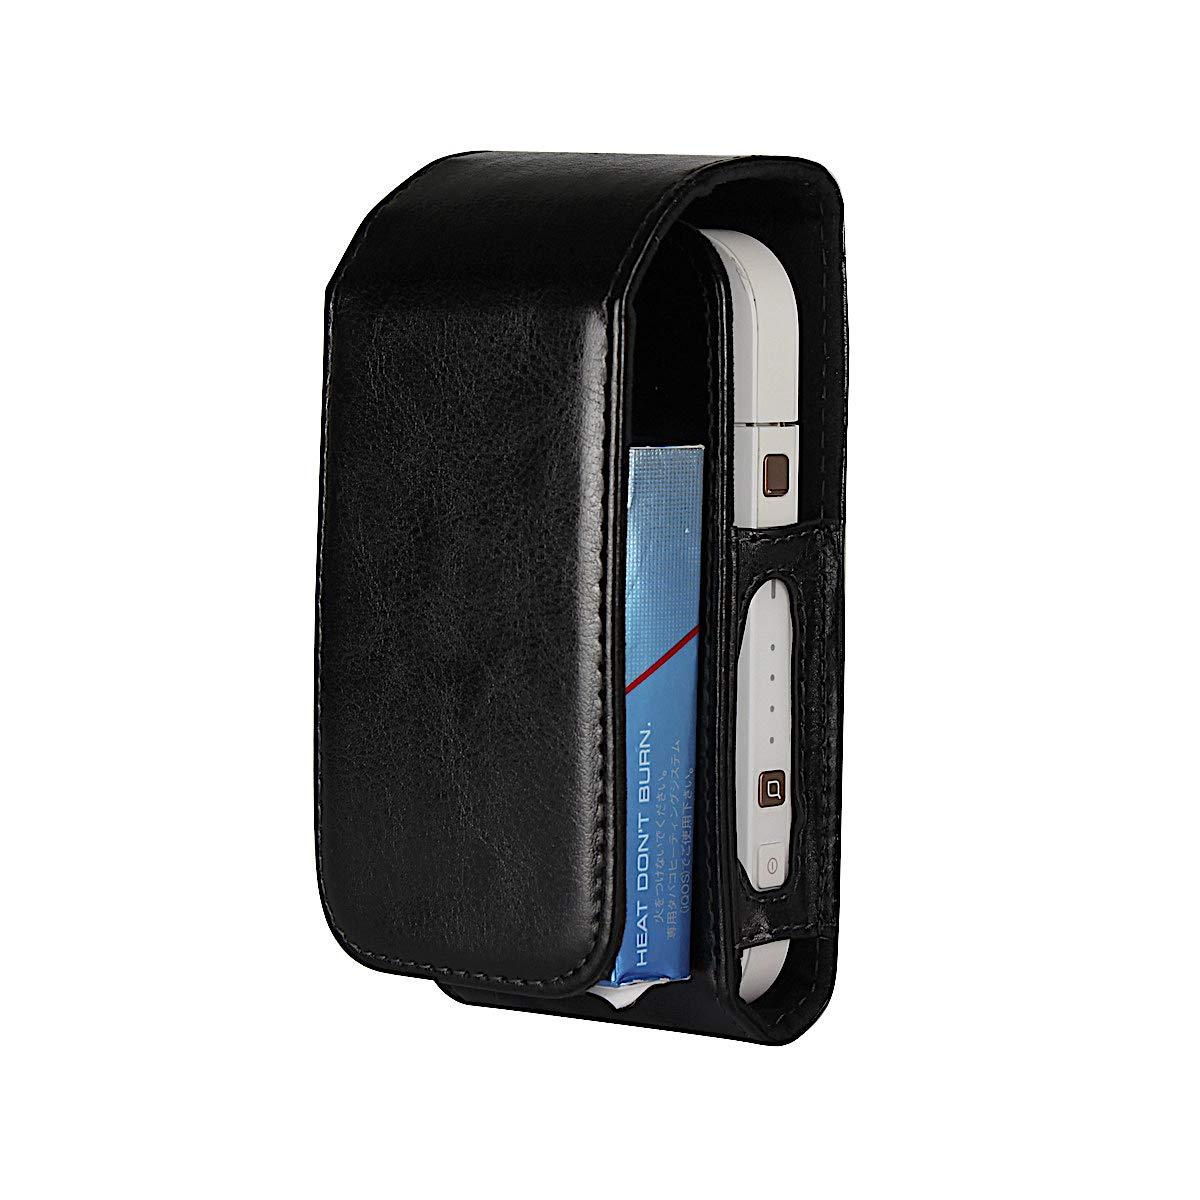 Hülle für IQOS Pocket Charger - Kunstleder Case 3in1 Schutzhülle für IQOS Starter-Kit - Cover Behälter in Schwarz (Braun)